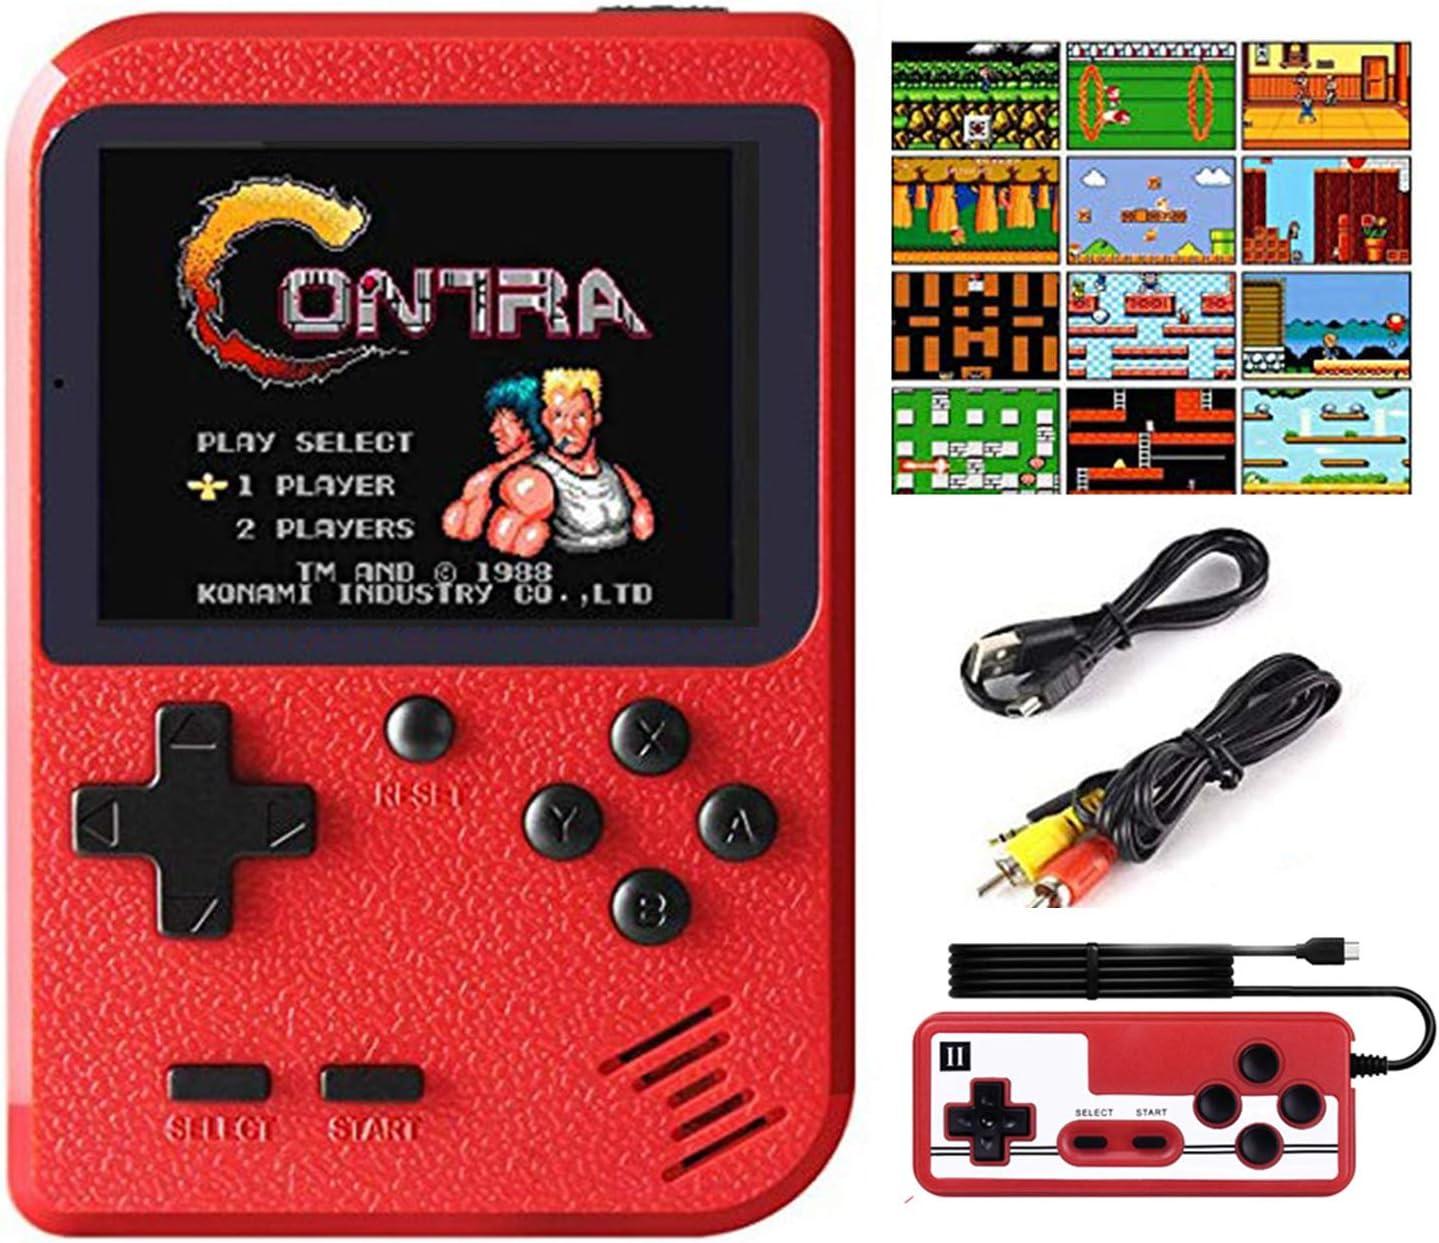 Hanbee Consola de Juegos Portátil, 400 Juegos Retro 3 Pulgadas Pantalla a Color Soporte para Jugadores Duales y Conexión de TV, Recargable Game Player ,Presente para niños y Adultos